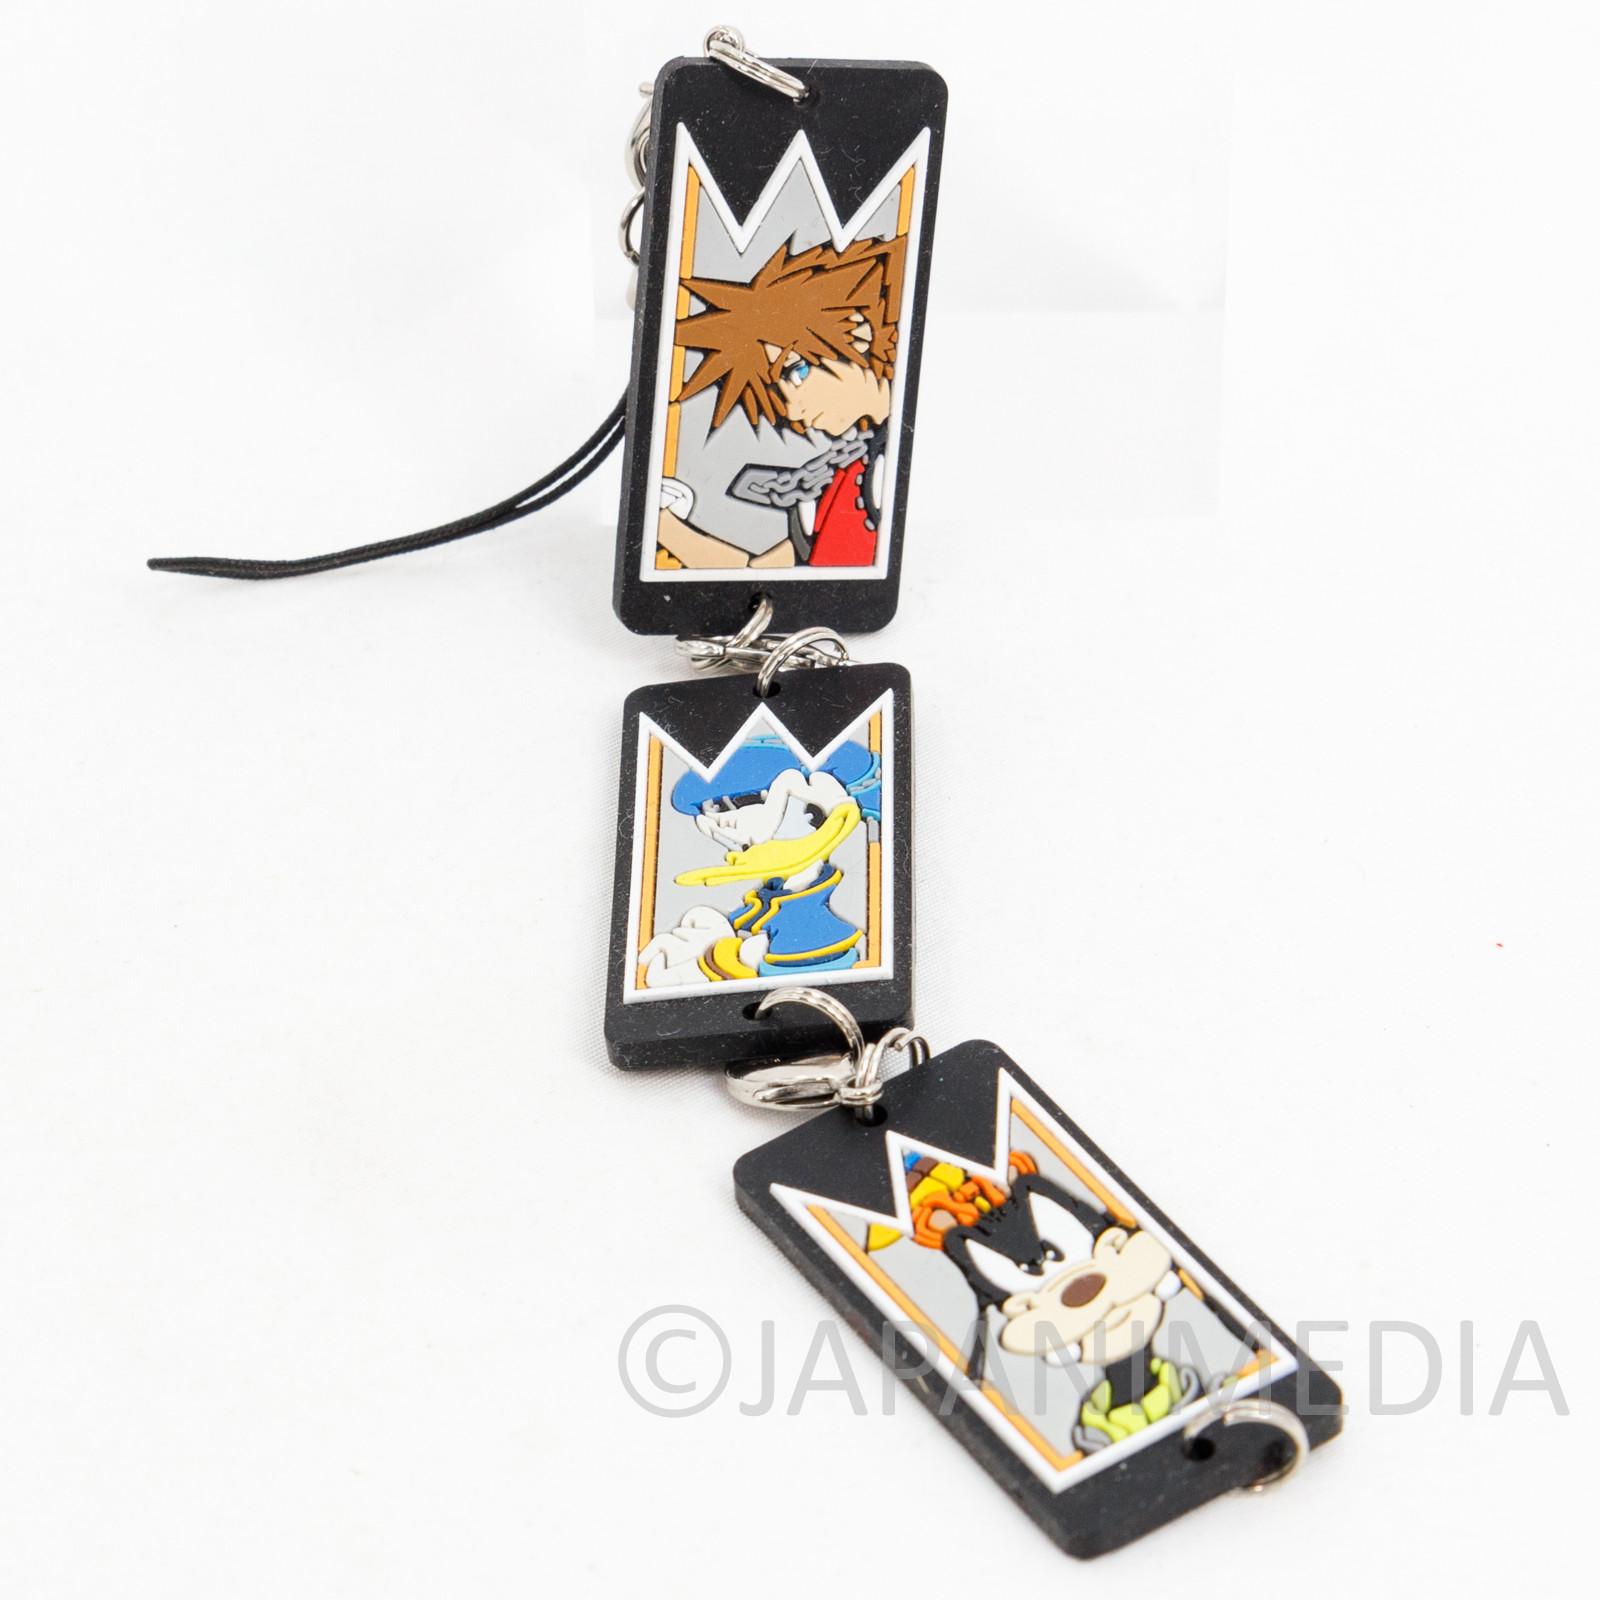 Kingdom Hearts SORA DONALD GOOFY Triple Rubber Mascot Strap